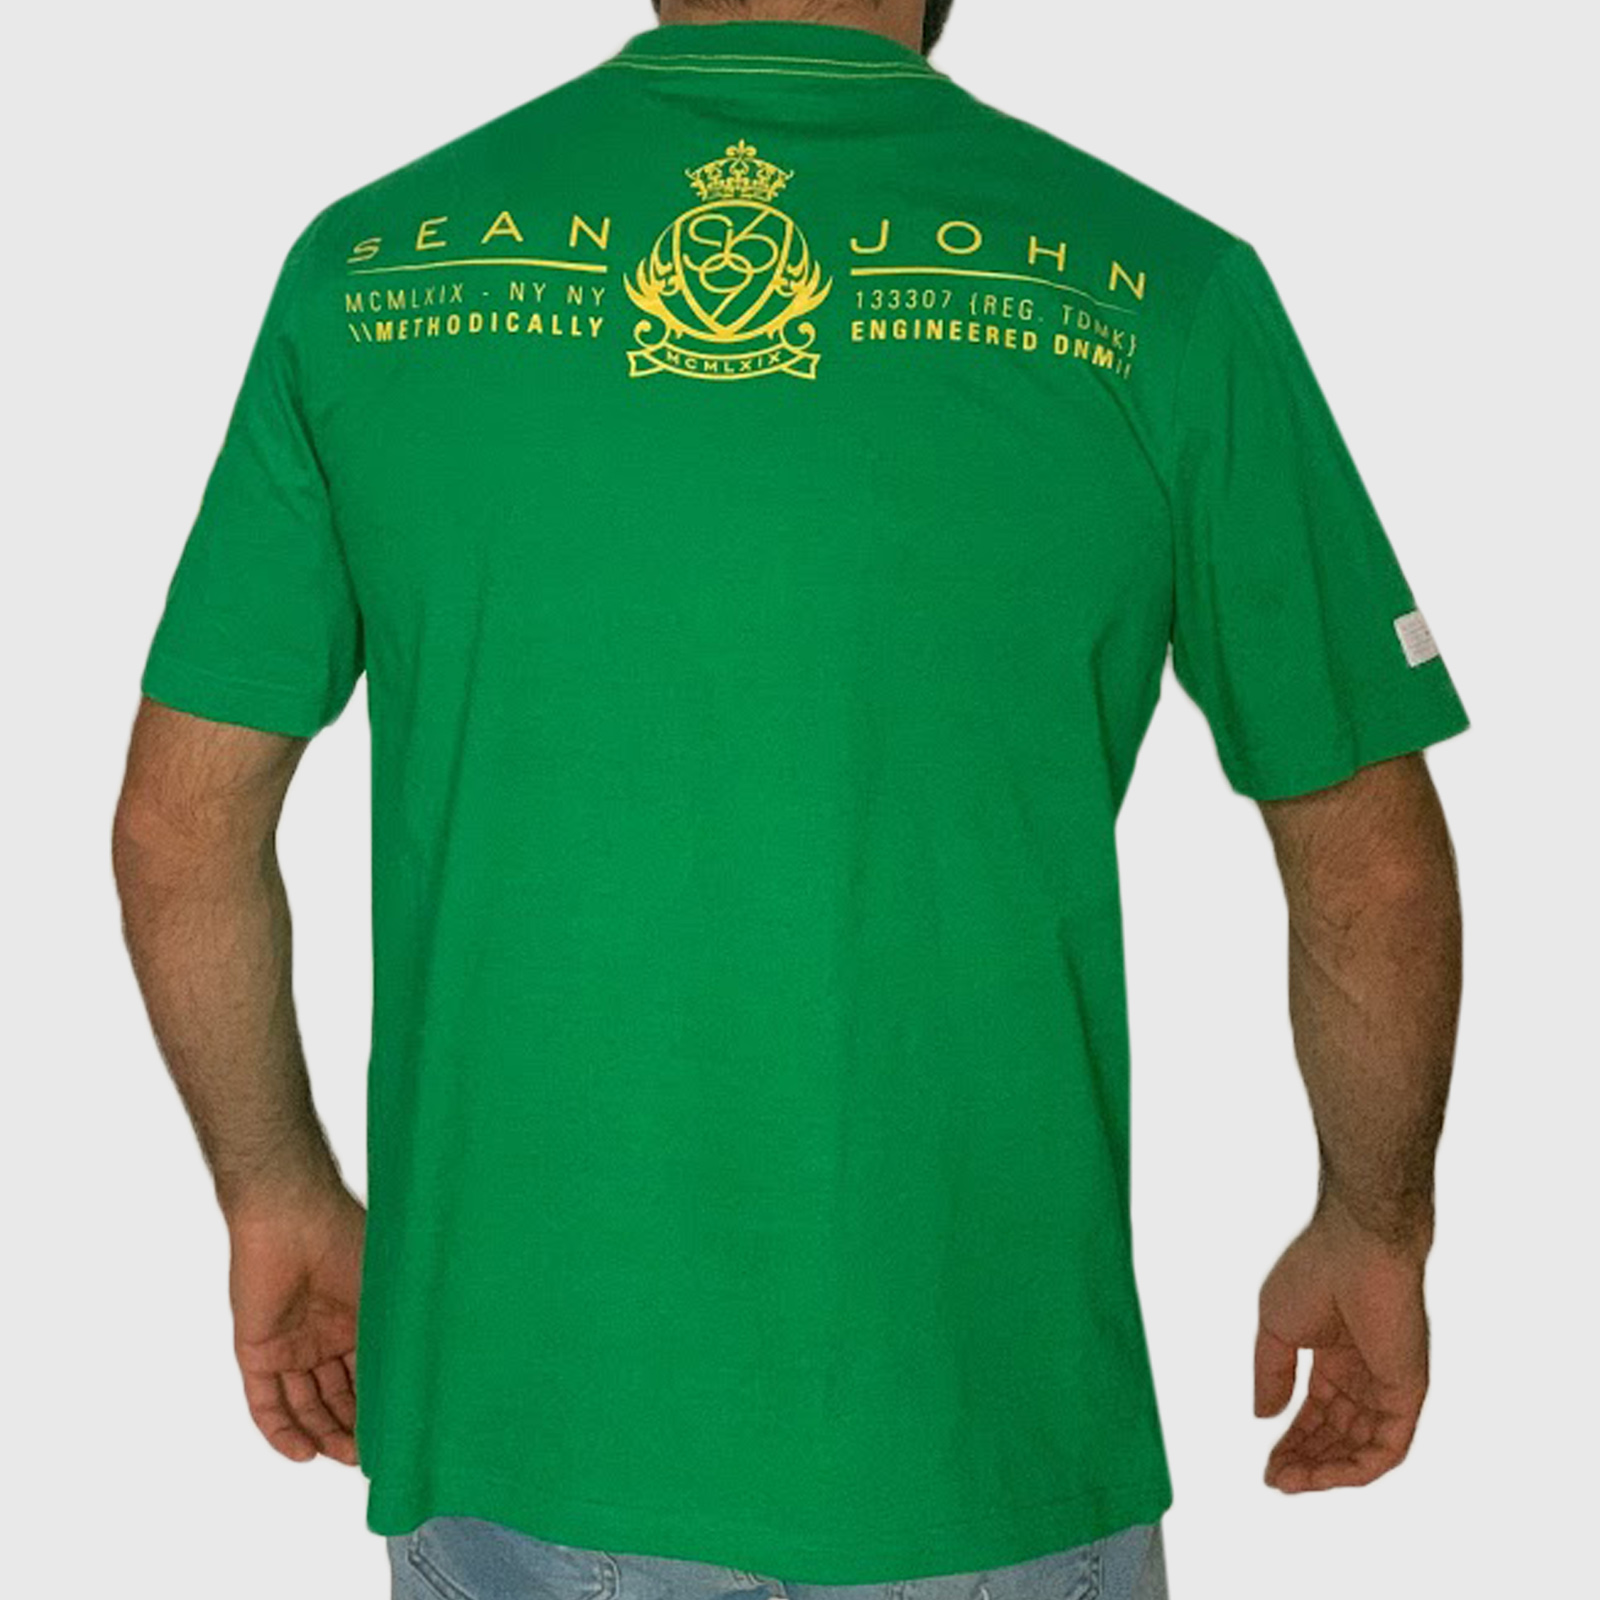 Недорогие футболки для парней и мужчин от бренда Sean John